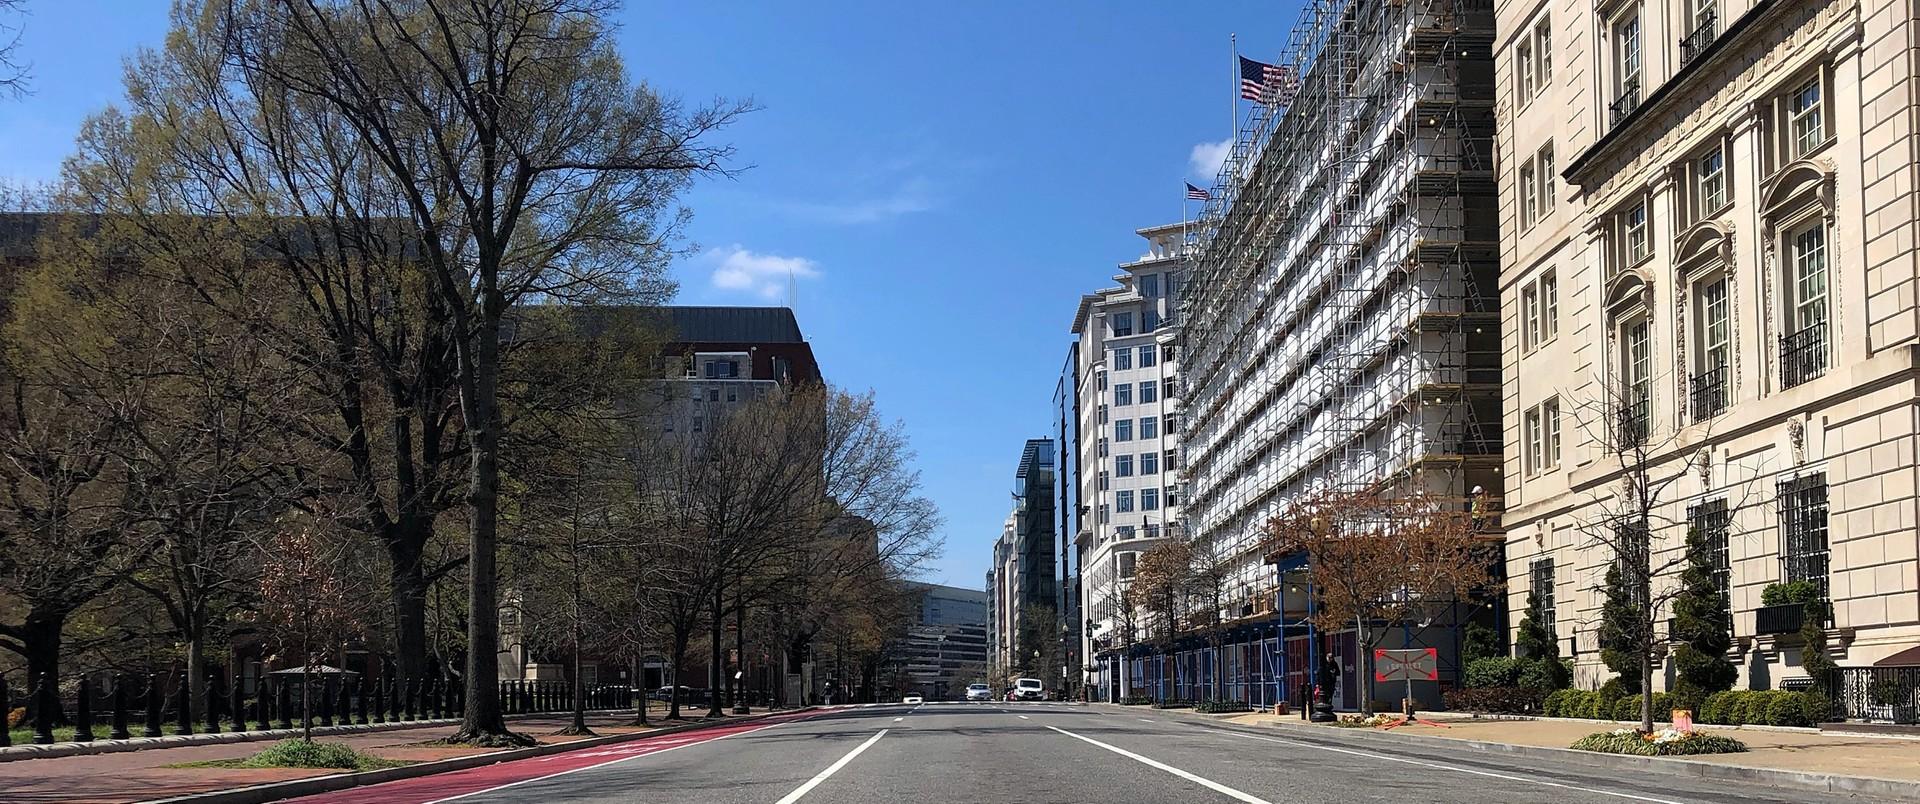 Puste ulice Waszyngtonu